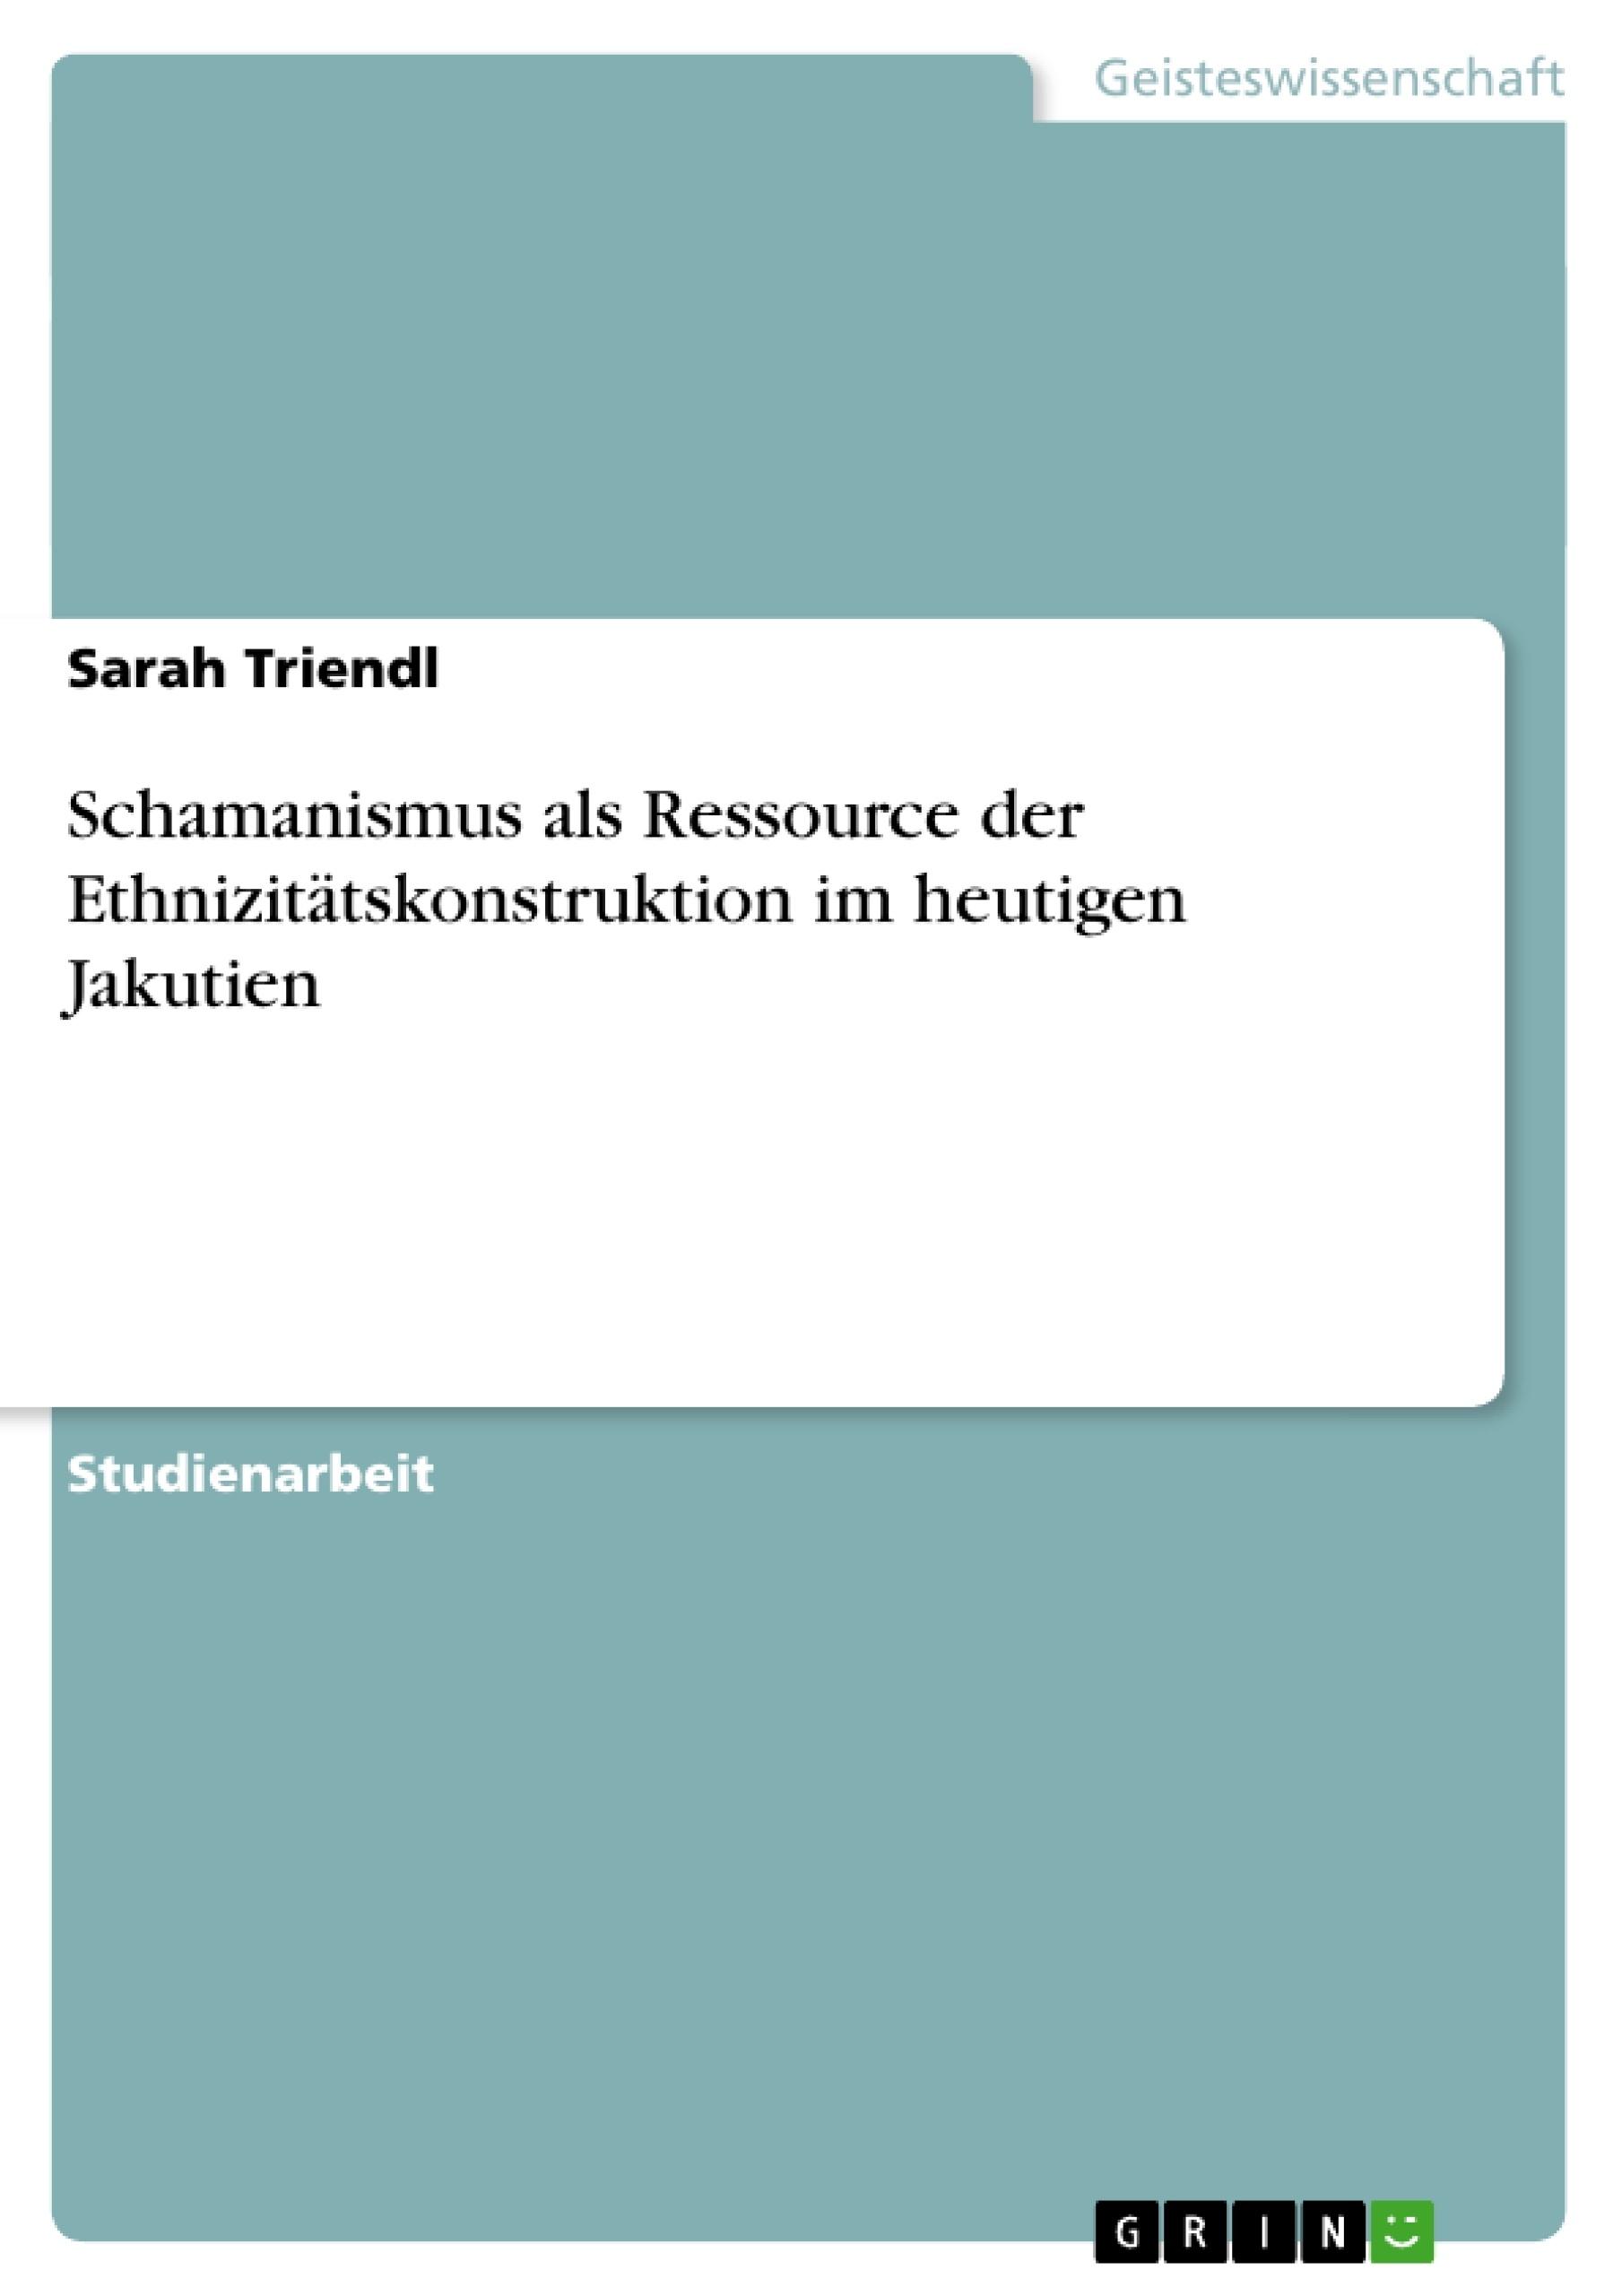 Titel: Schamanismus als Ressource der Ethnizitätskonstruktion im heutigen Jakutien